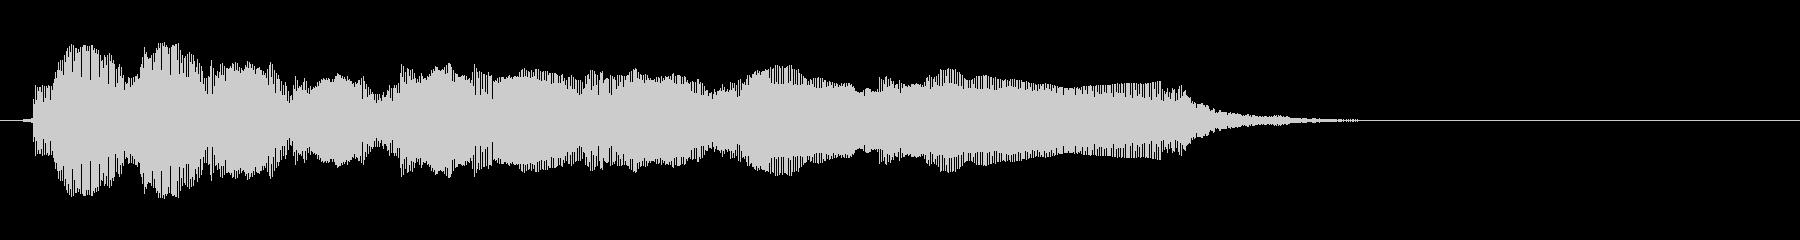 エレキギター4弦チューニング1リバーブの未再生の波形